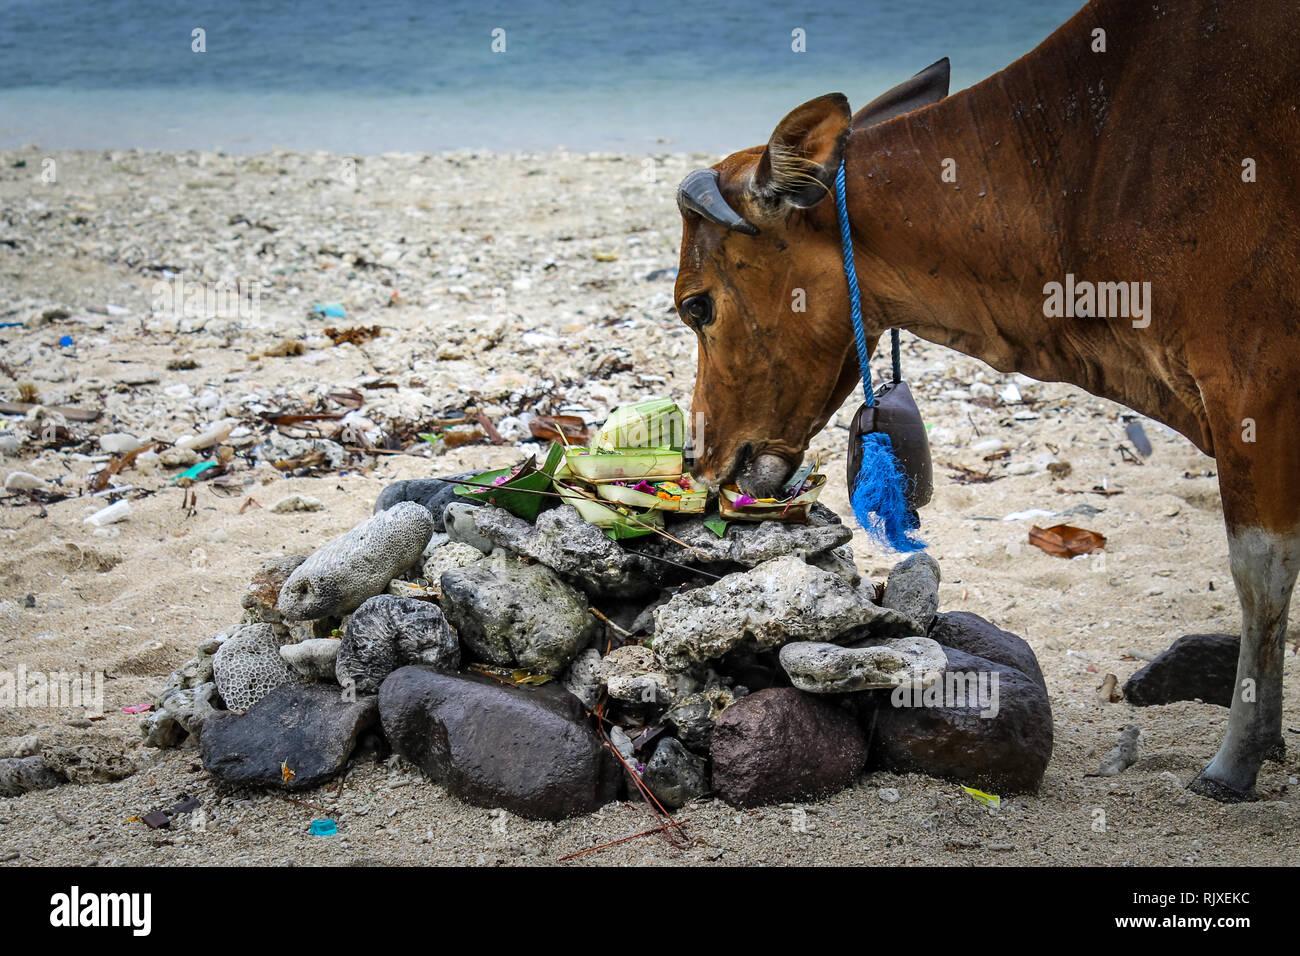 Carte Bali Serangan.Canang Sari Stock Photos Canang Sari Stock Images Alamy